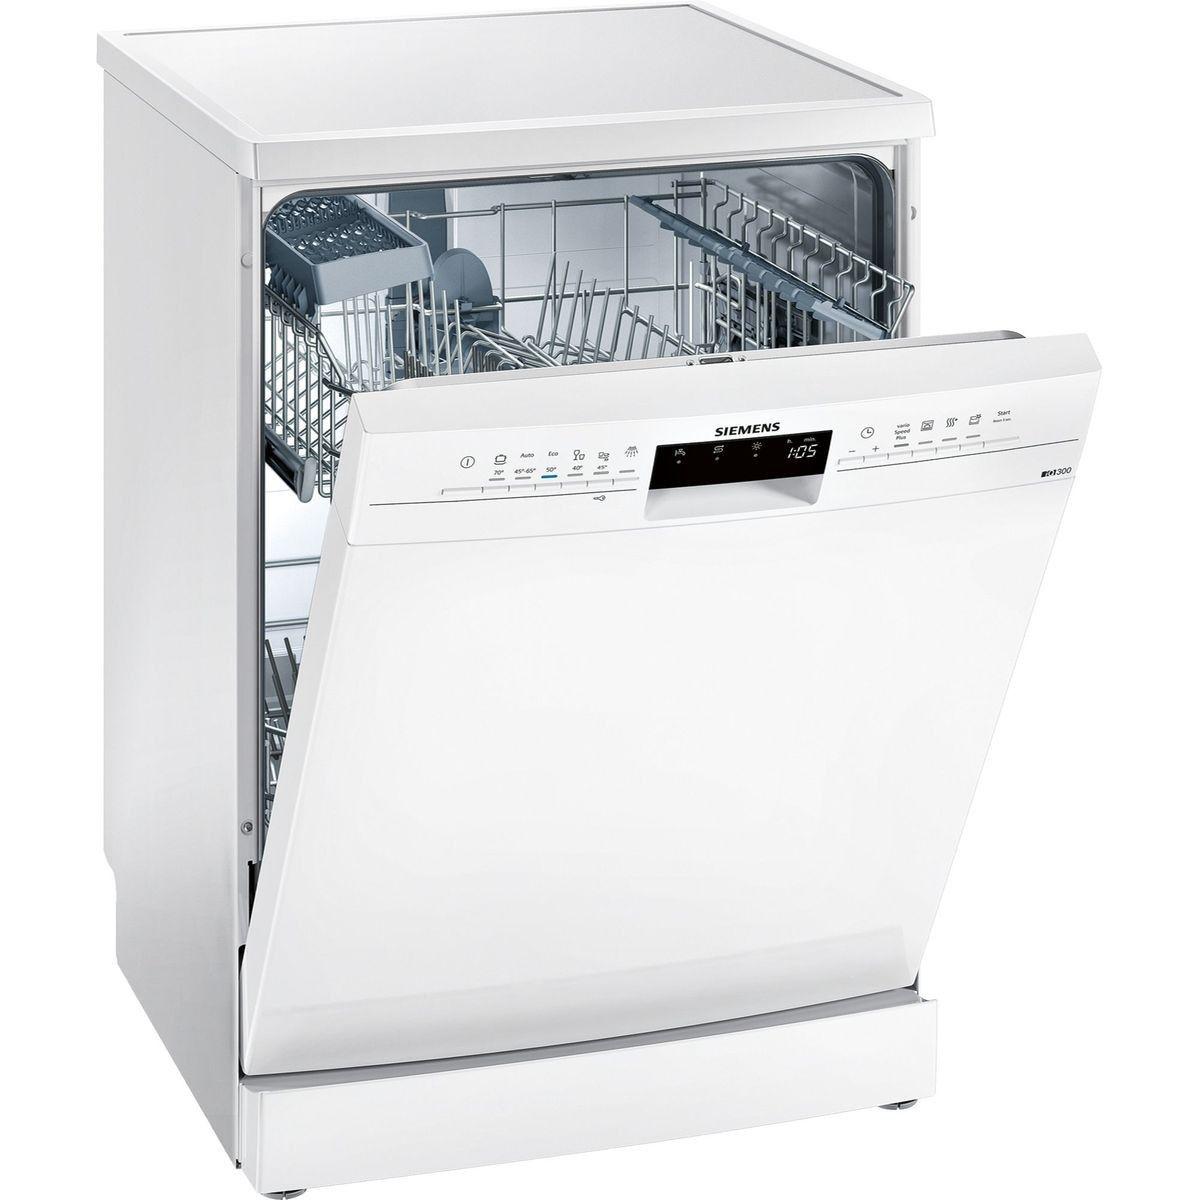 Lave Vaisselle Sn236w05ie Taille Taille Unique Lave